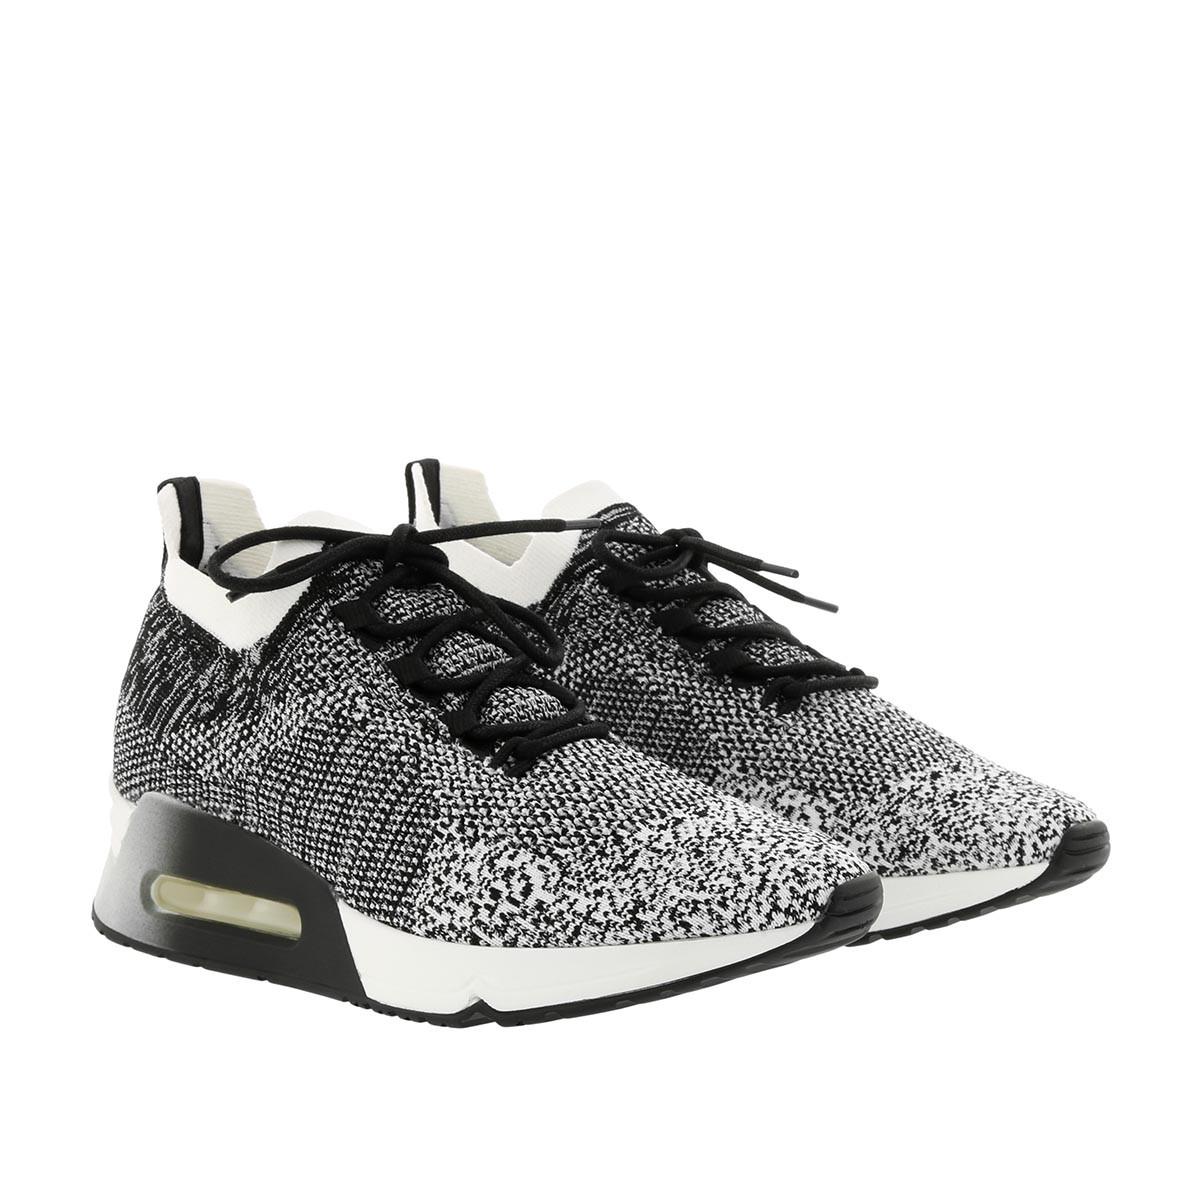 DKNY Sneakers - Ashly Lace Up Sneaker Black/White - in schwarz - für Damen